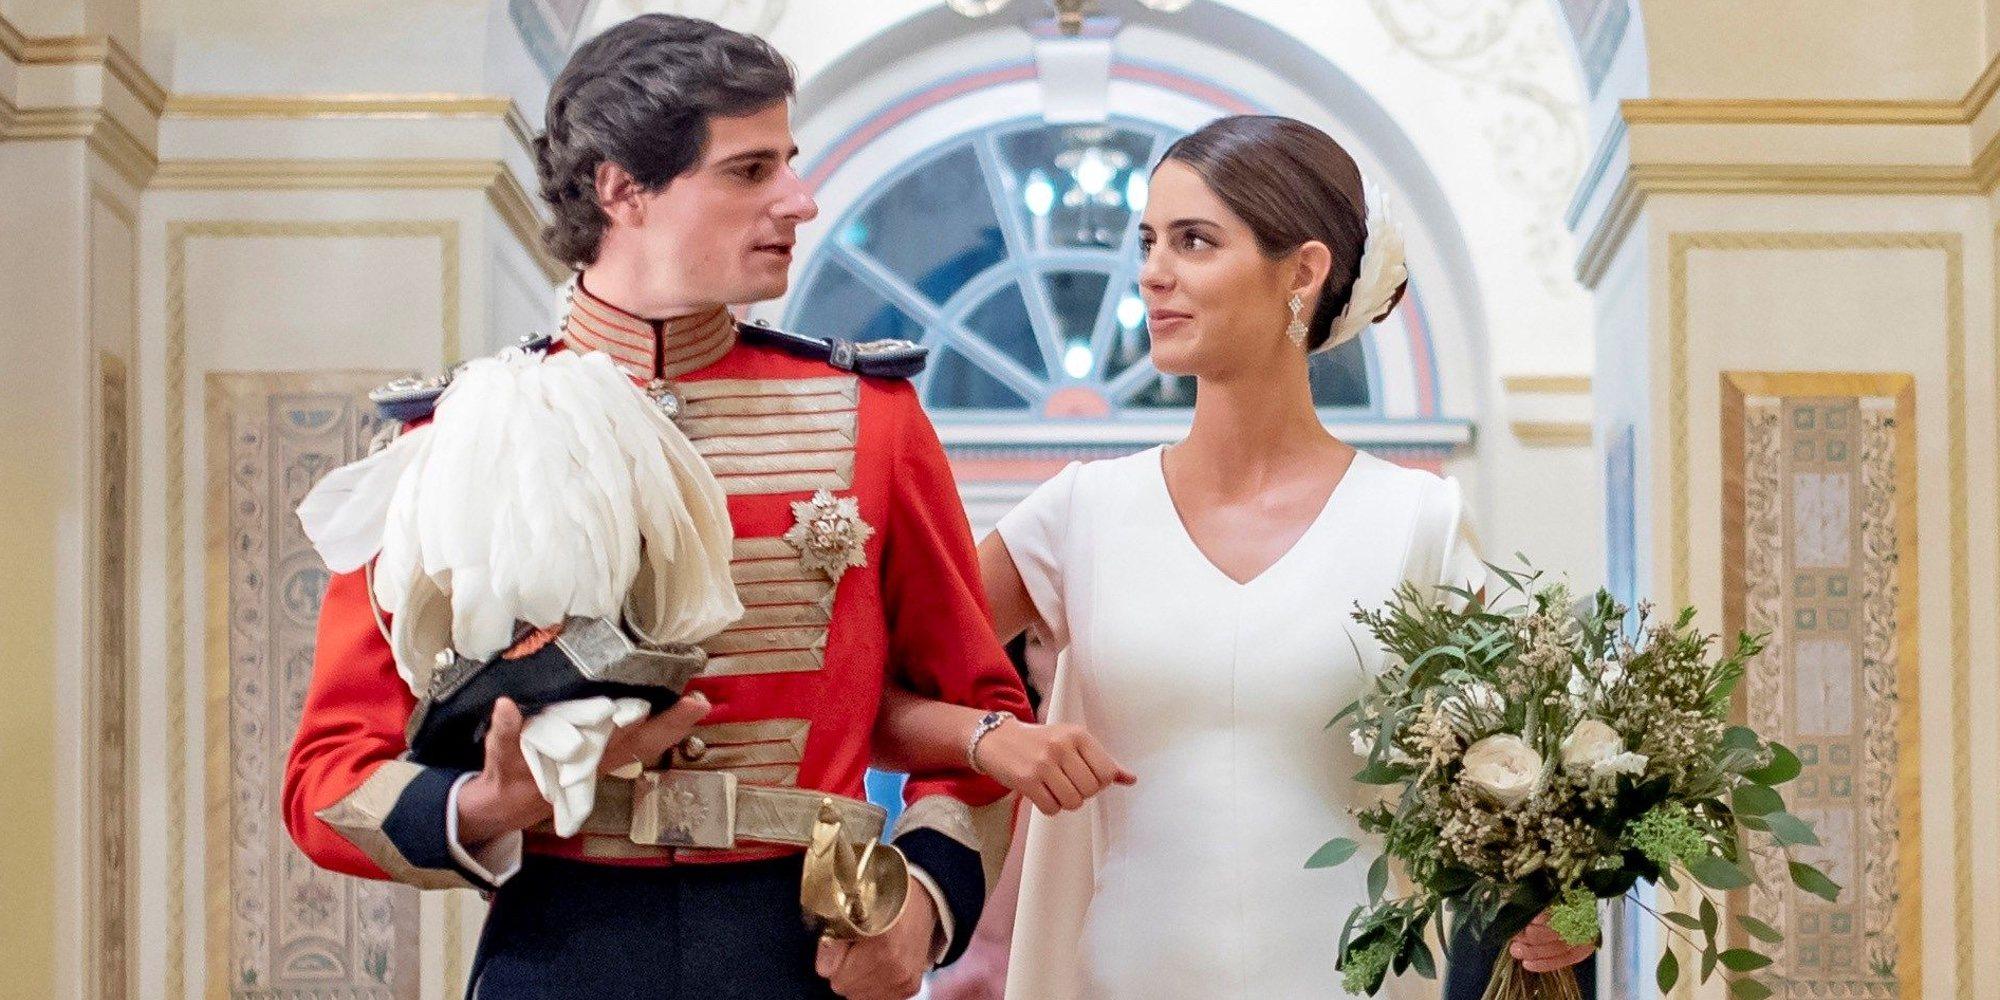 Las fotos oficiales de la boda de Fernando Fitz-James Stuart y Sofía Palazuelo: amor, felicidad y royals